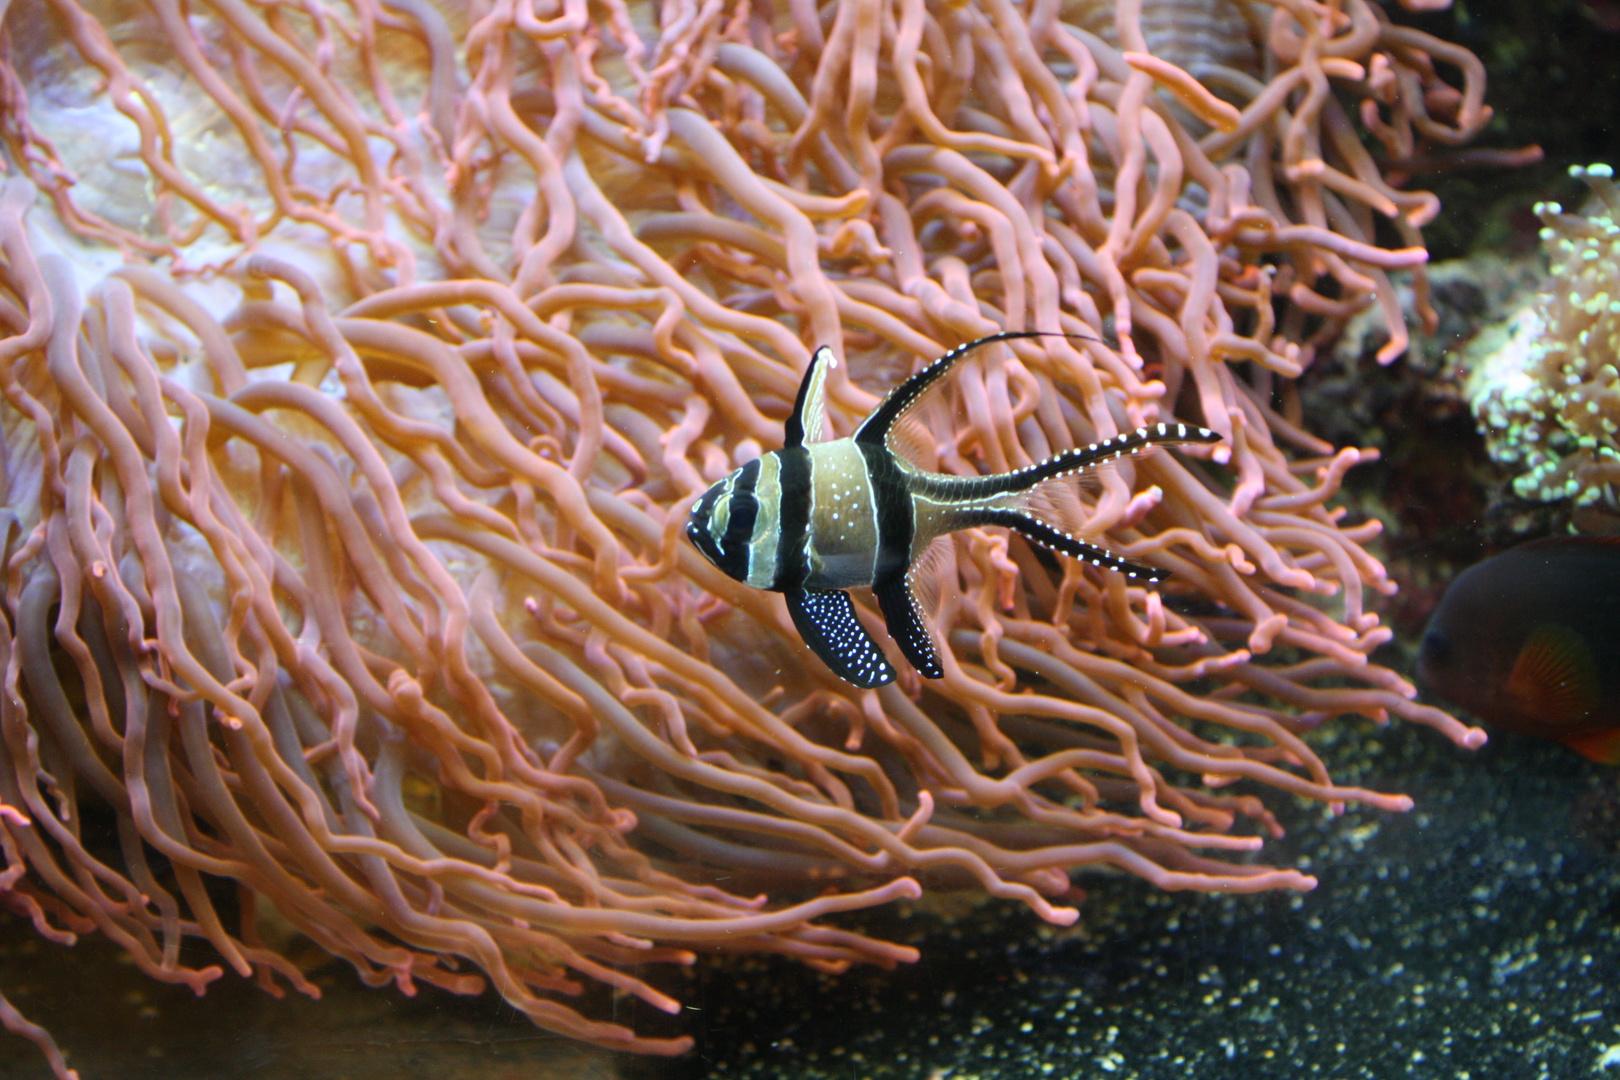 Tropen-Aquarium Hagenbeck 11./2013 8